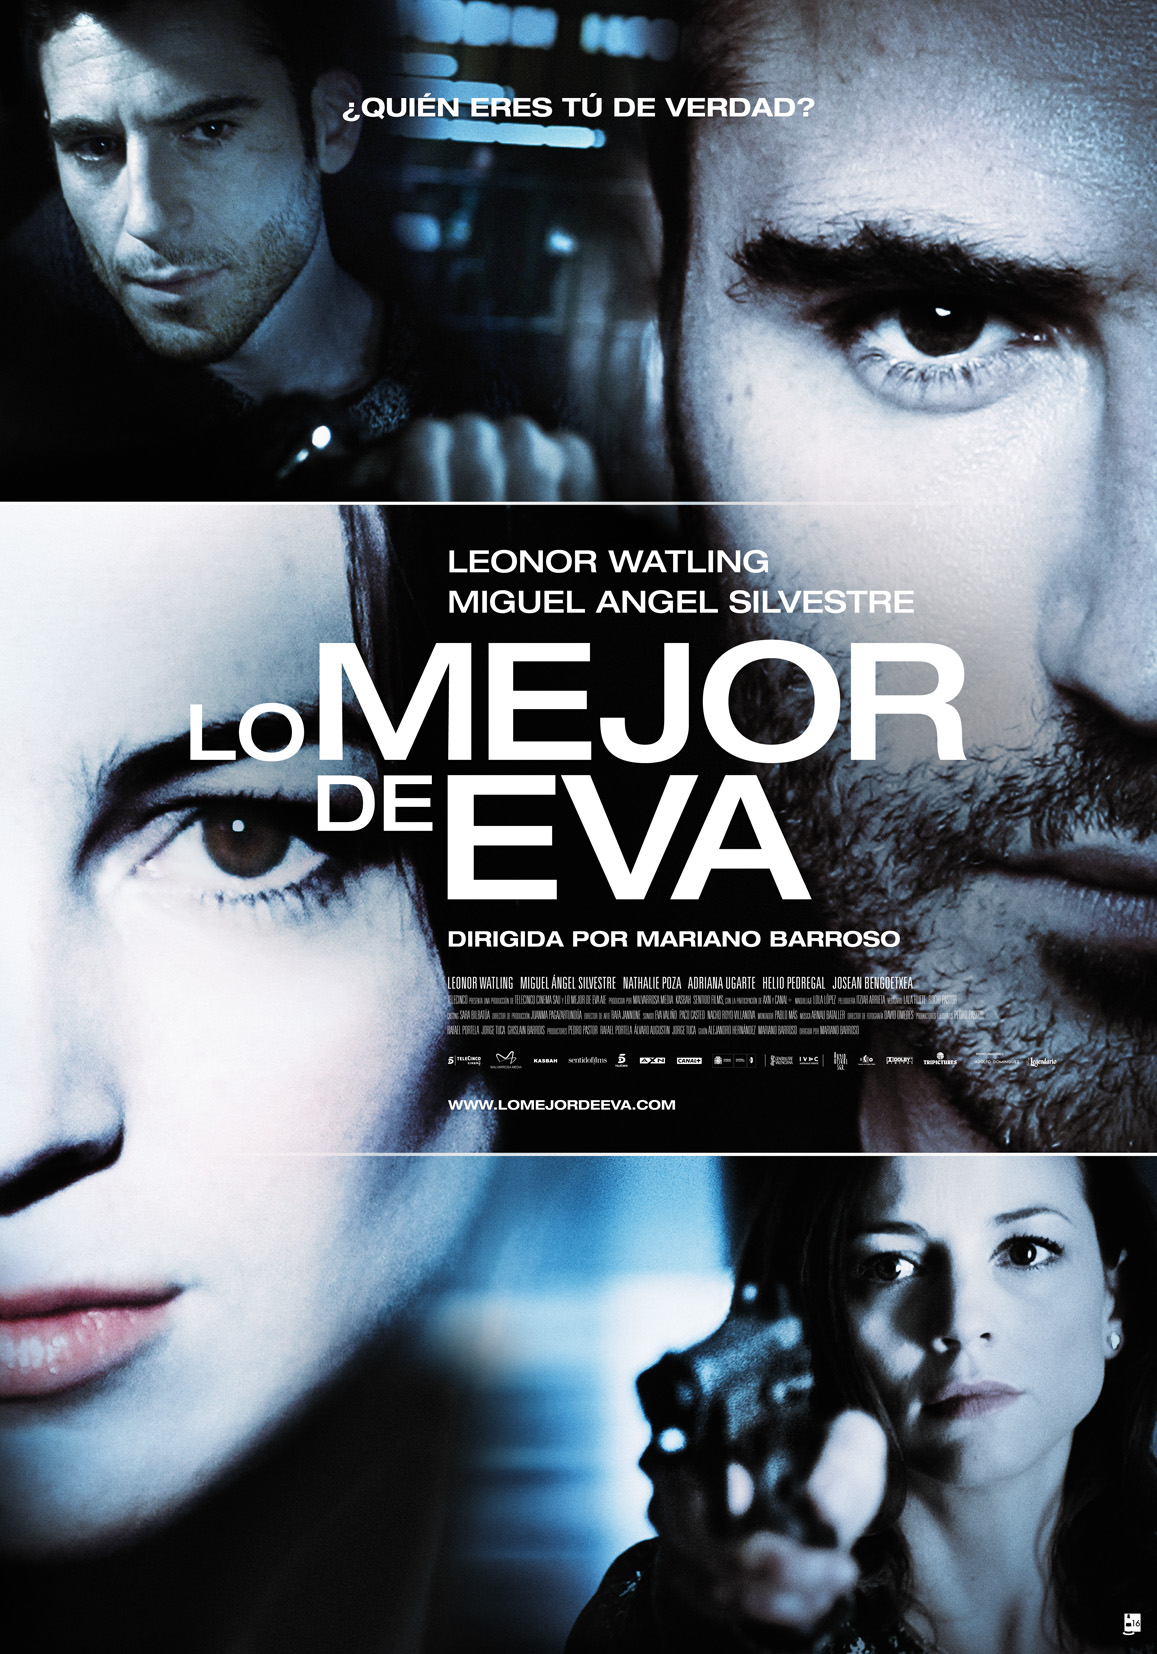 LO MEJOR DE EVA